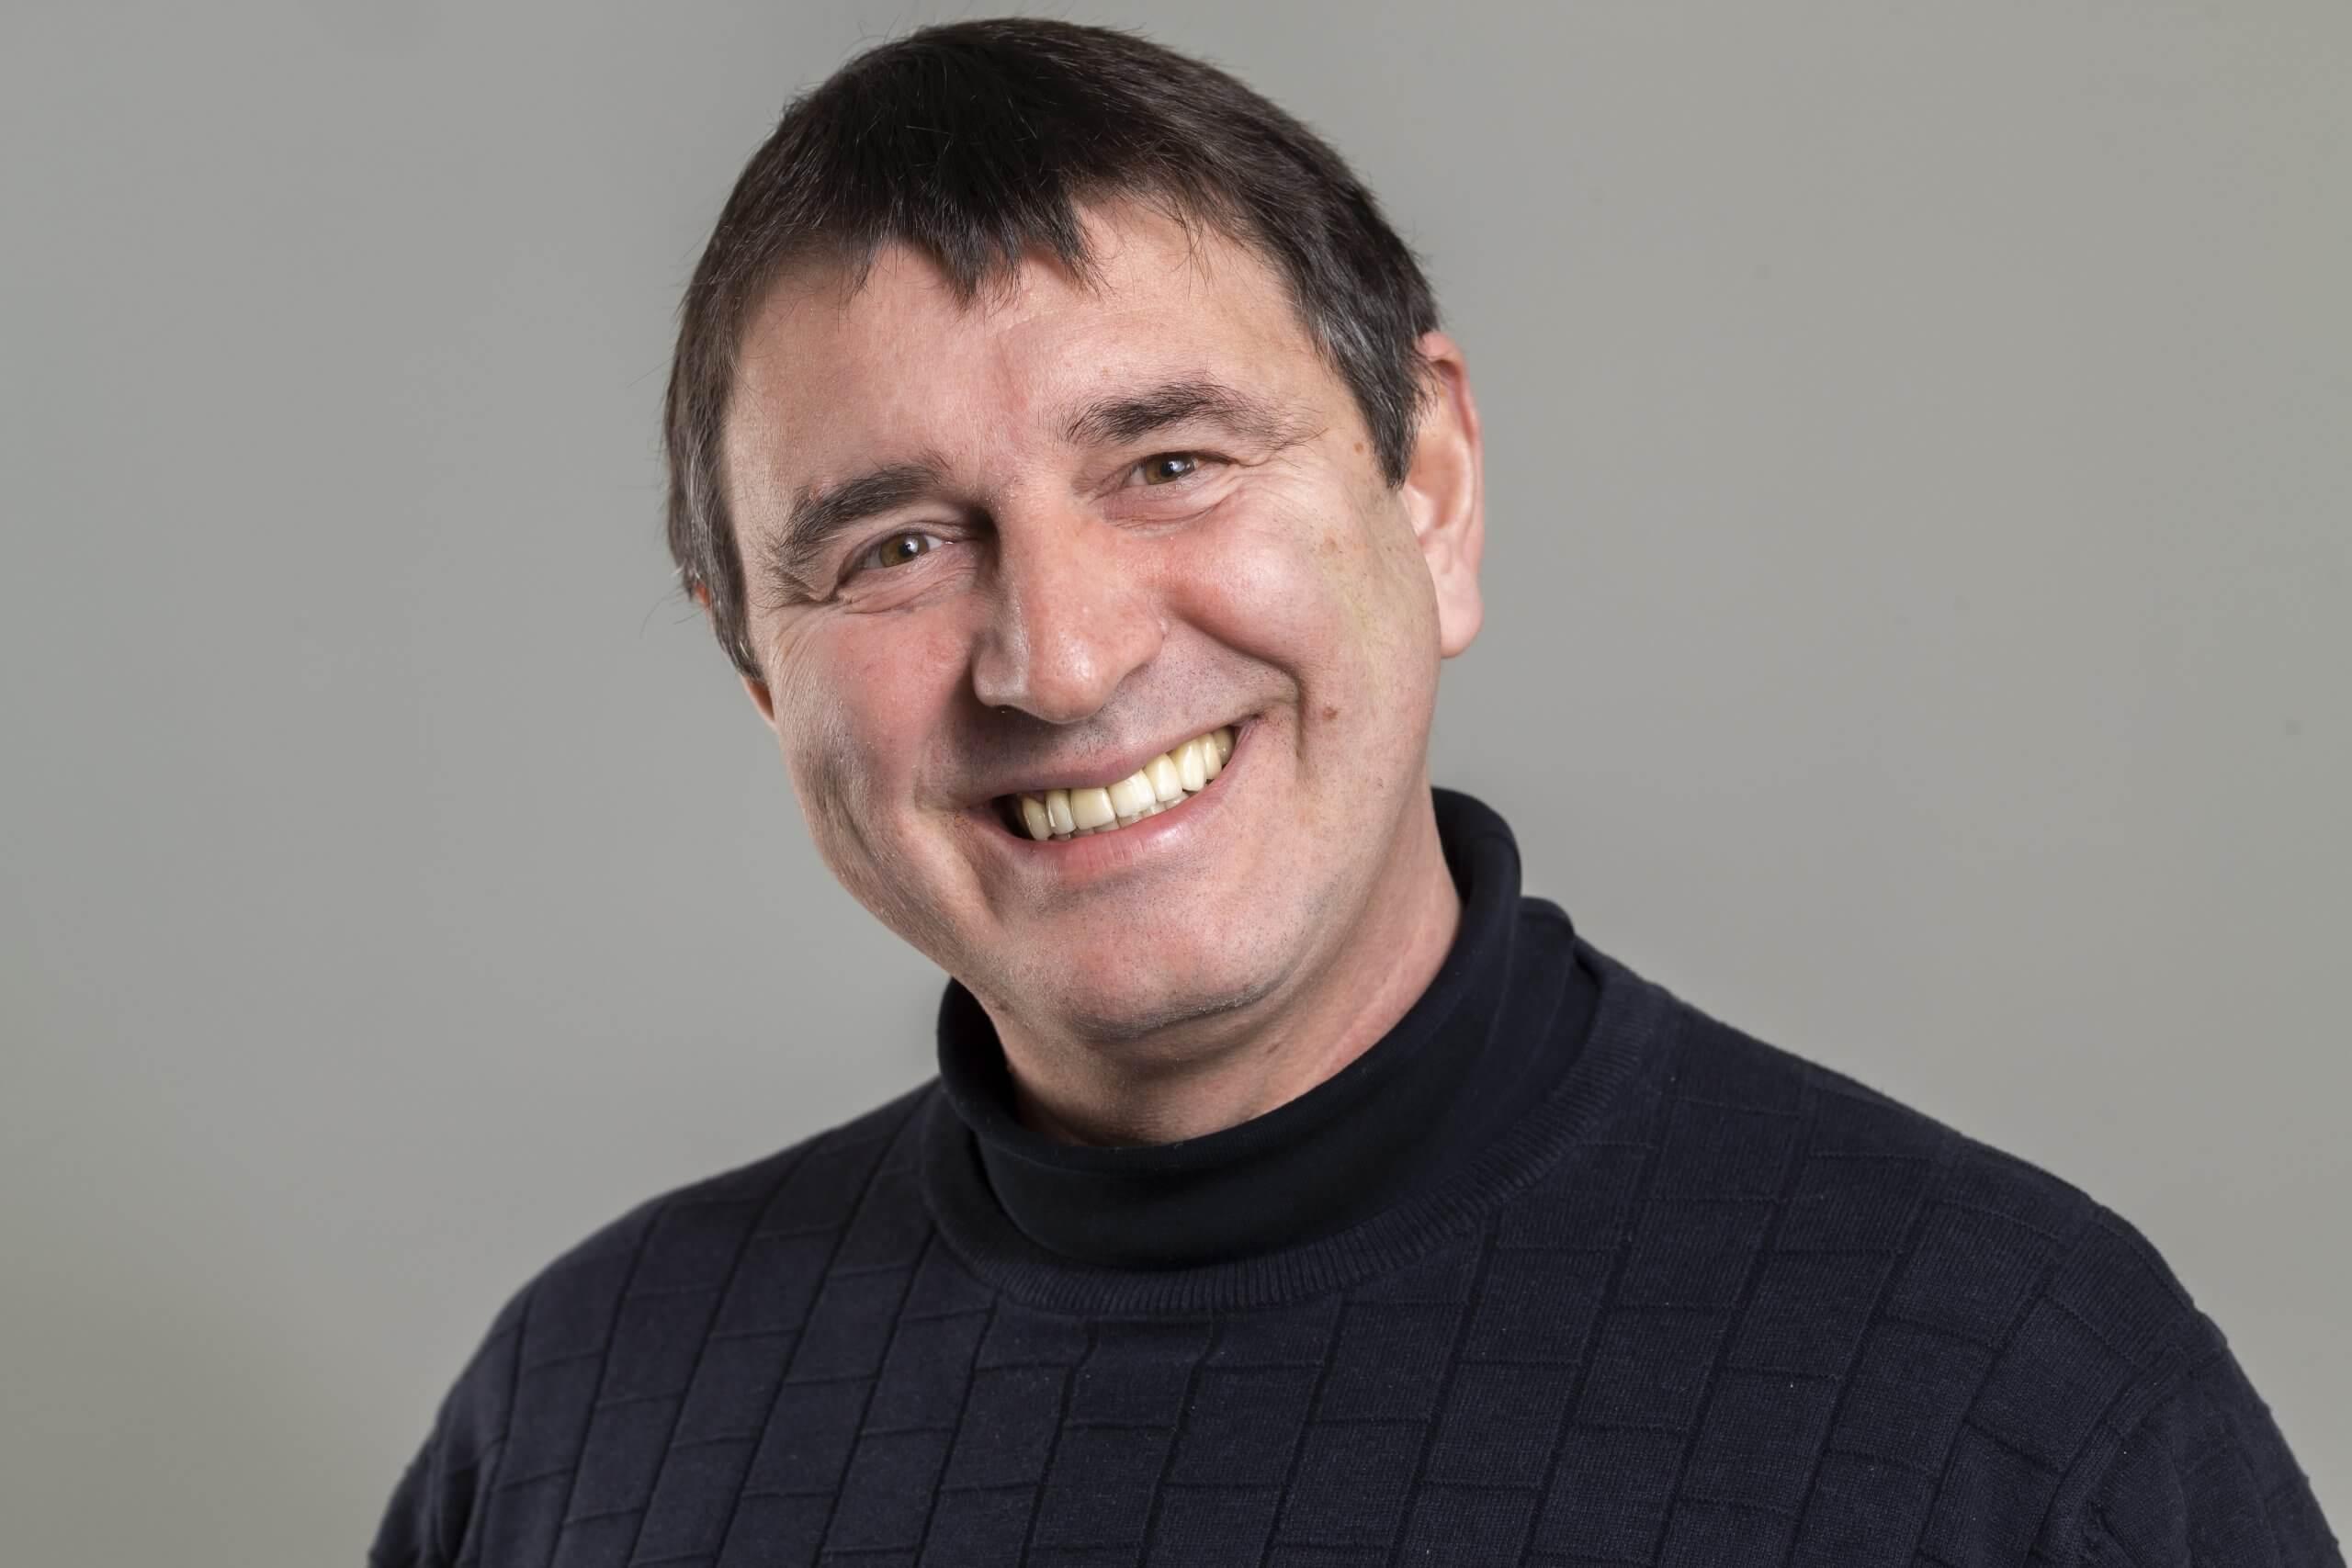 Stefan Ortner